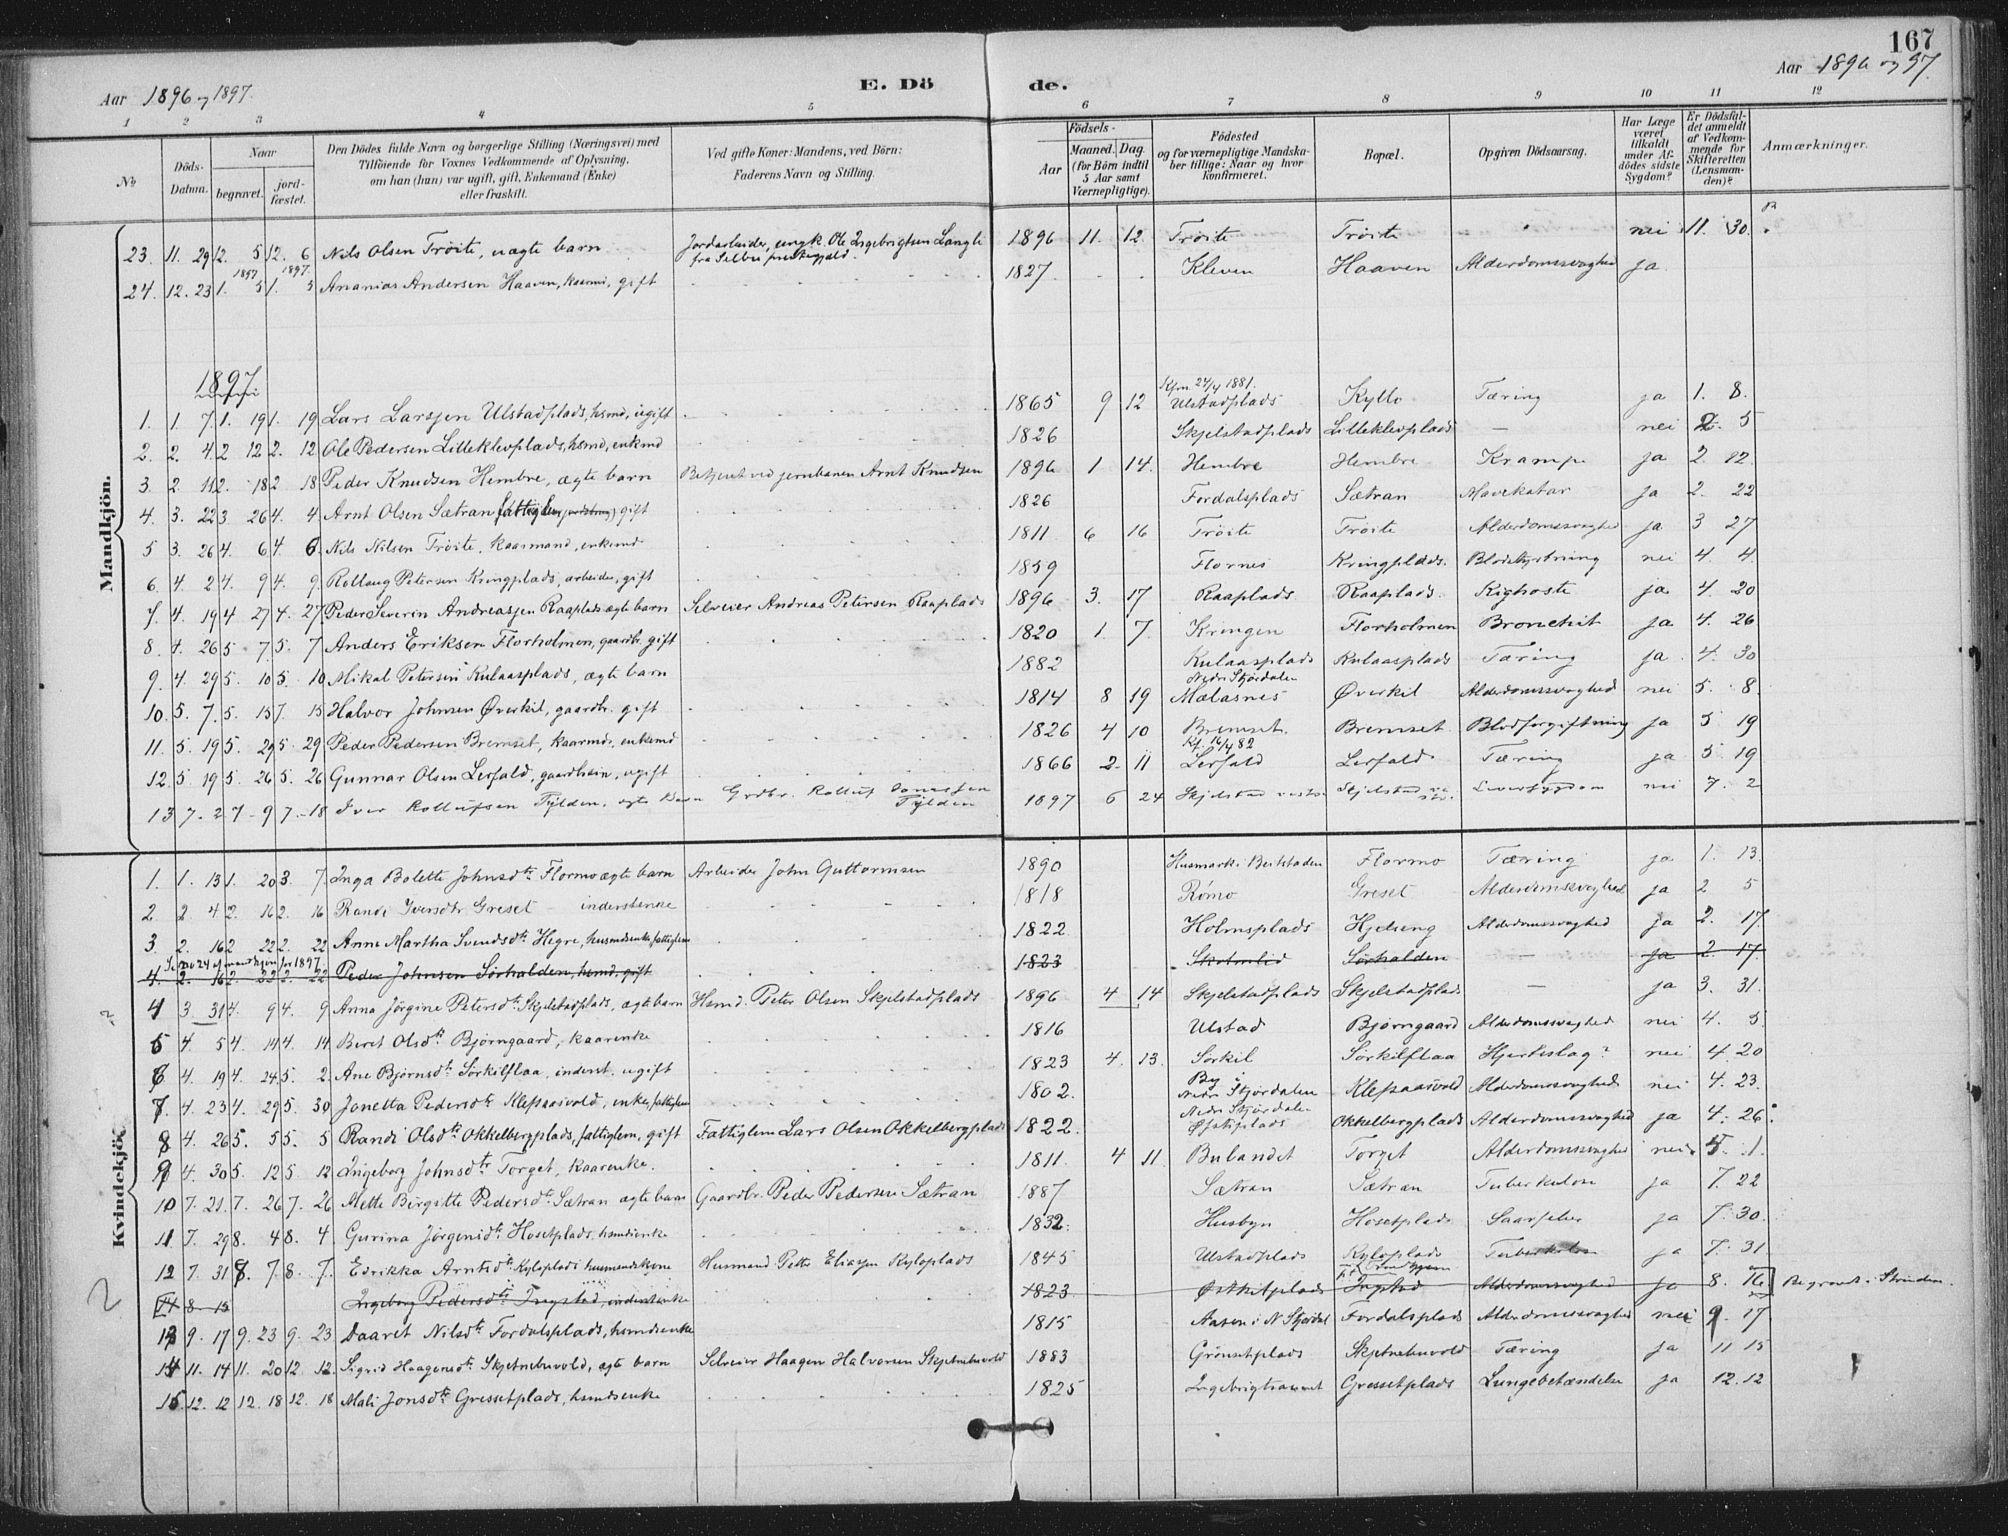 SAT, Ministerialprotokoller, klokkerbøker og fødselsregistre - Nord-Trøndelag, 703/L0031: Ministerialbok nr. 703A04, 1893-1914, s. 167